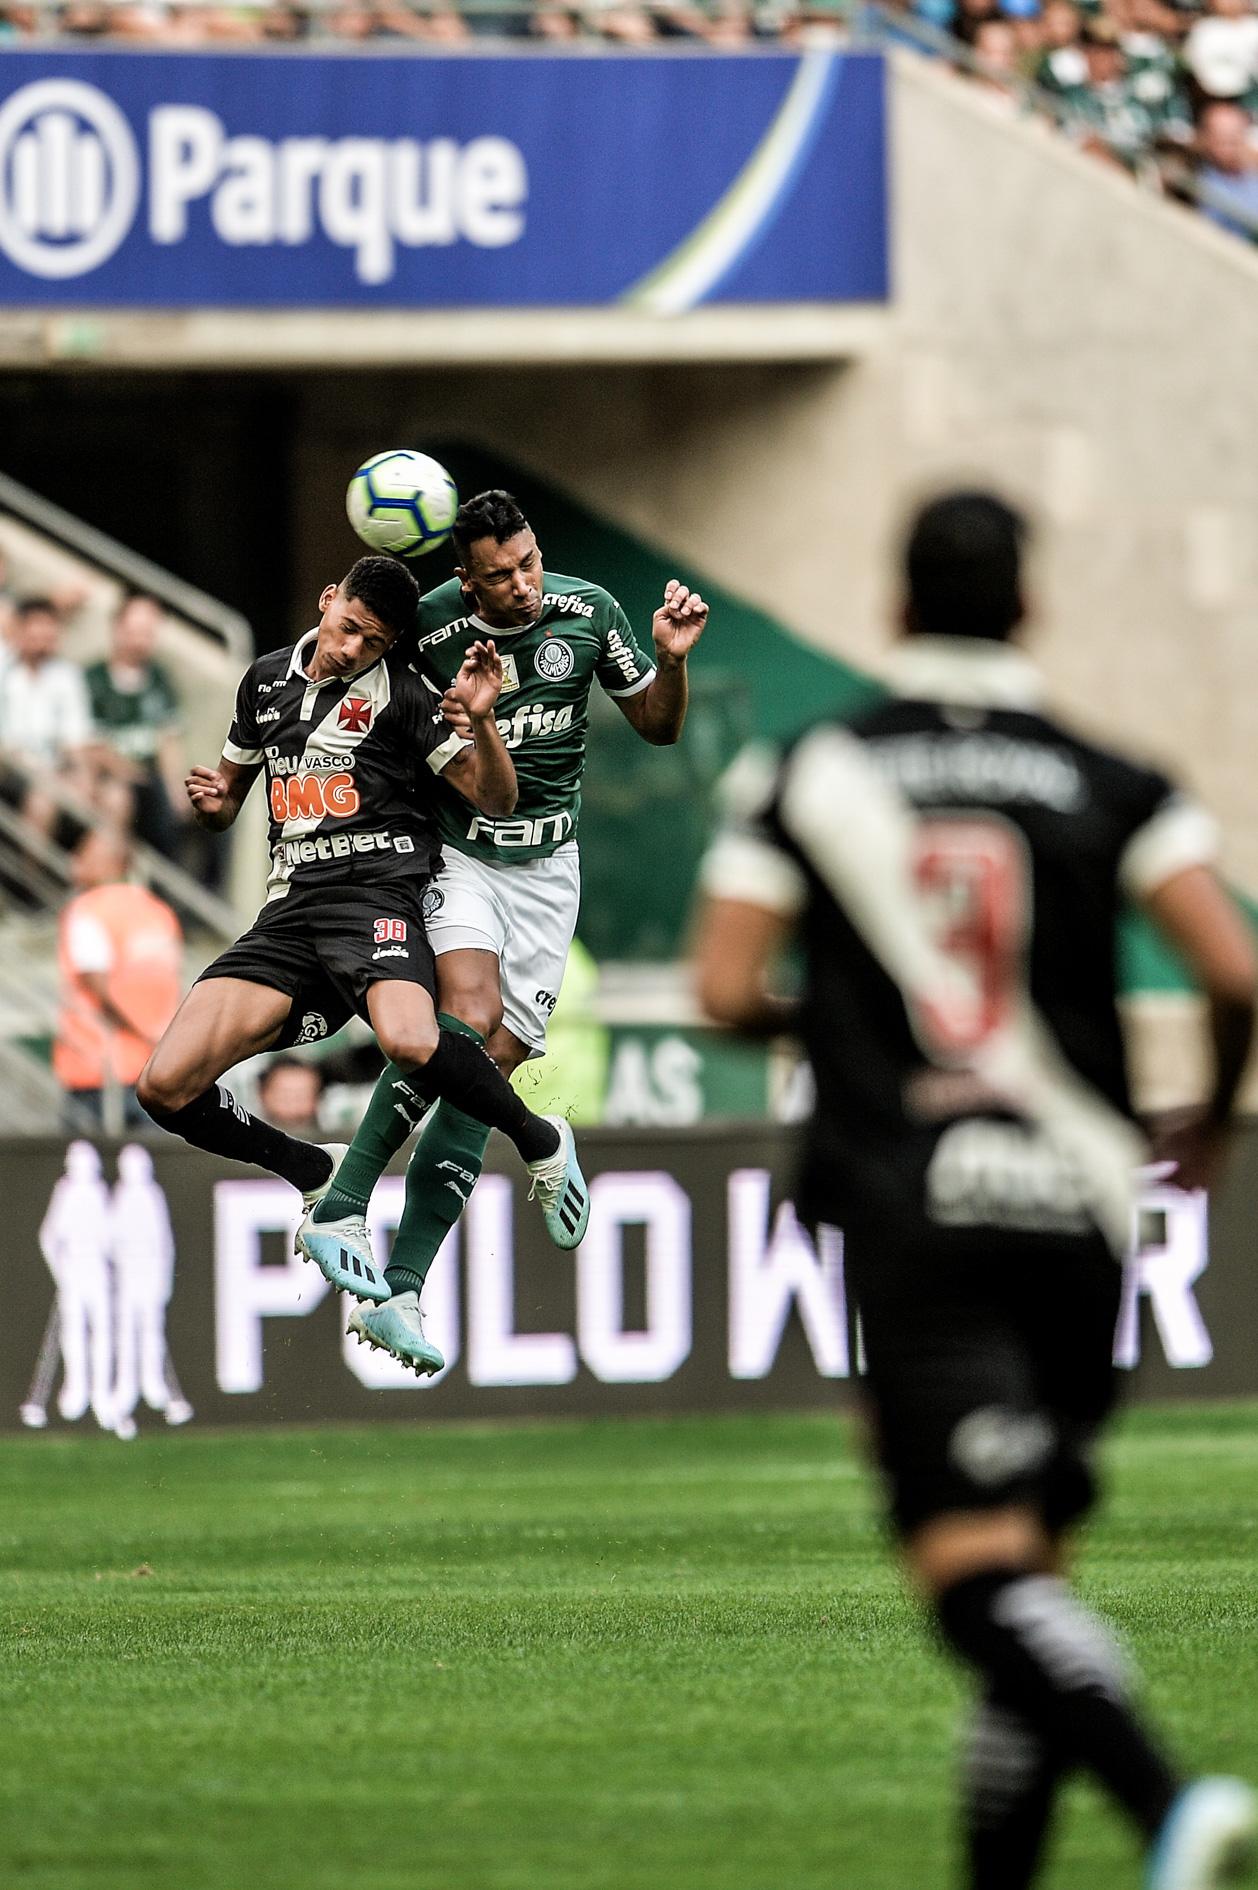 Palmeiras_X_Vasco_dudabairros_Agif_0517.